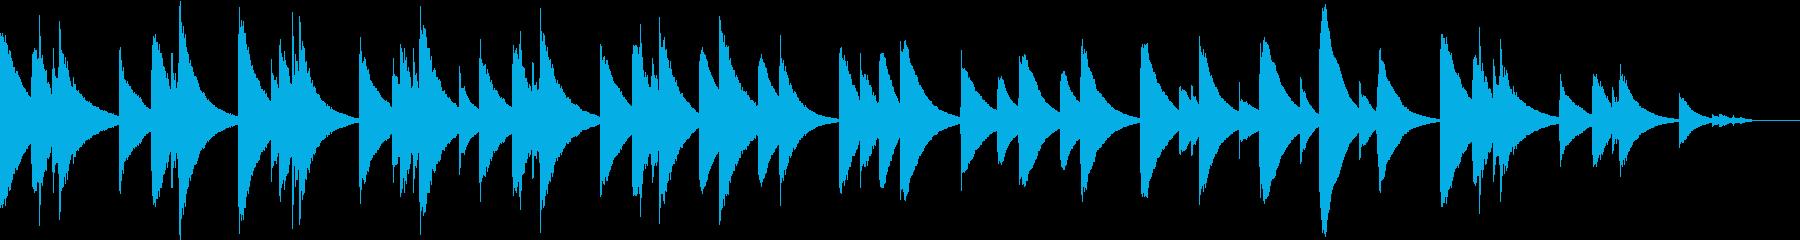 オルゴール調の悲しい雰囲気の再生済みの波形